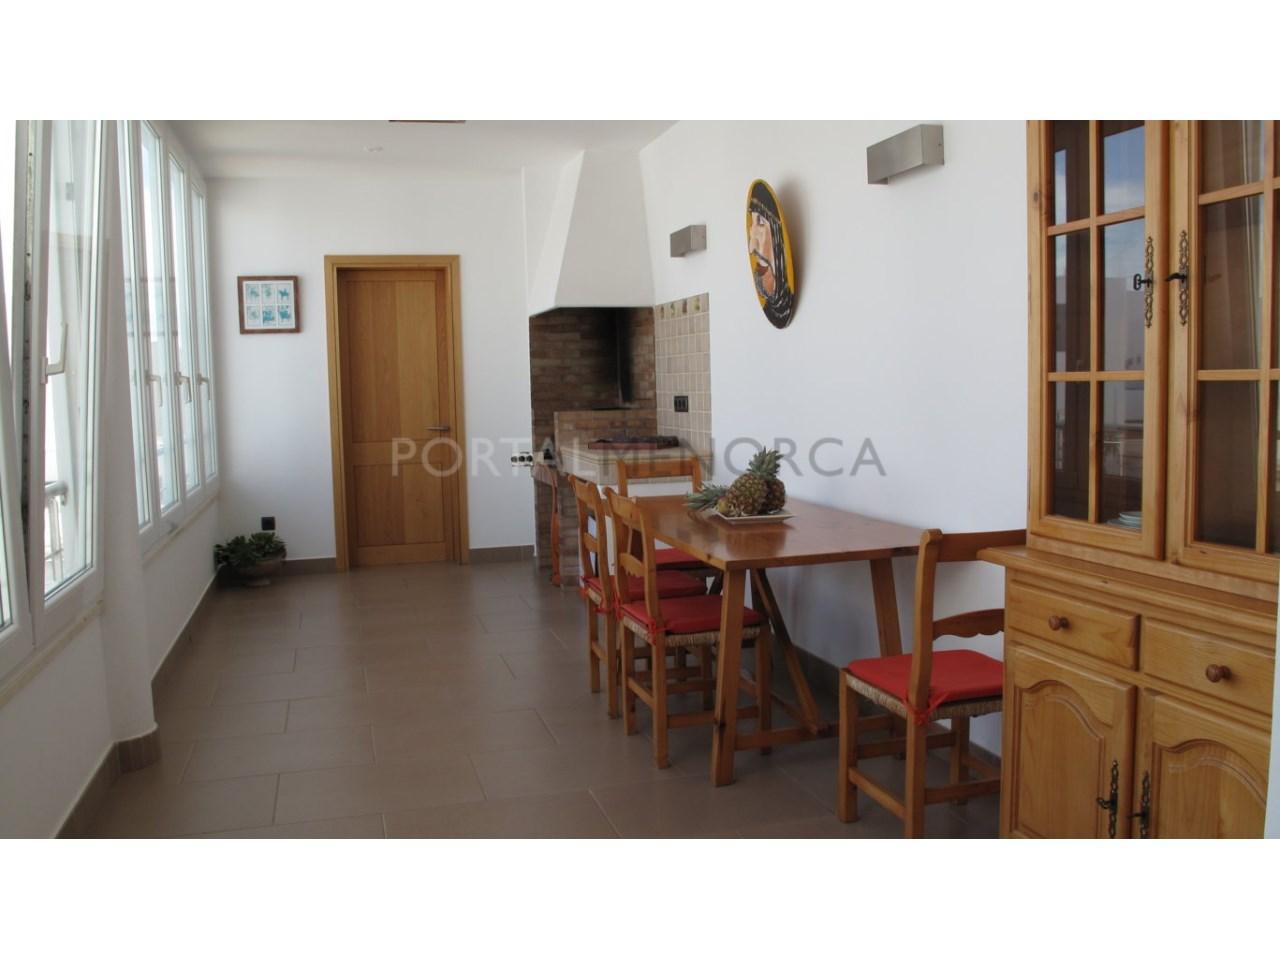 Apartment for sale in Ciutadella de Menorca-Barbecue